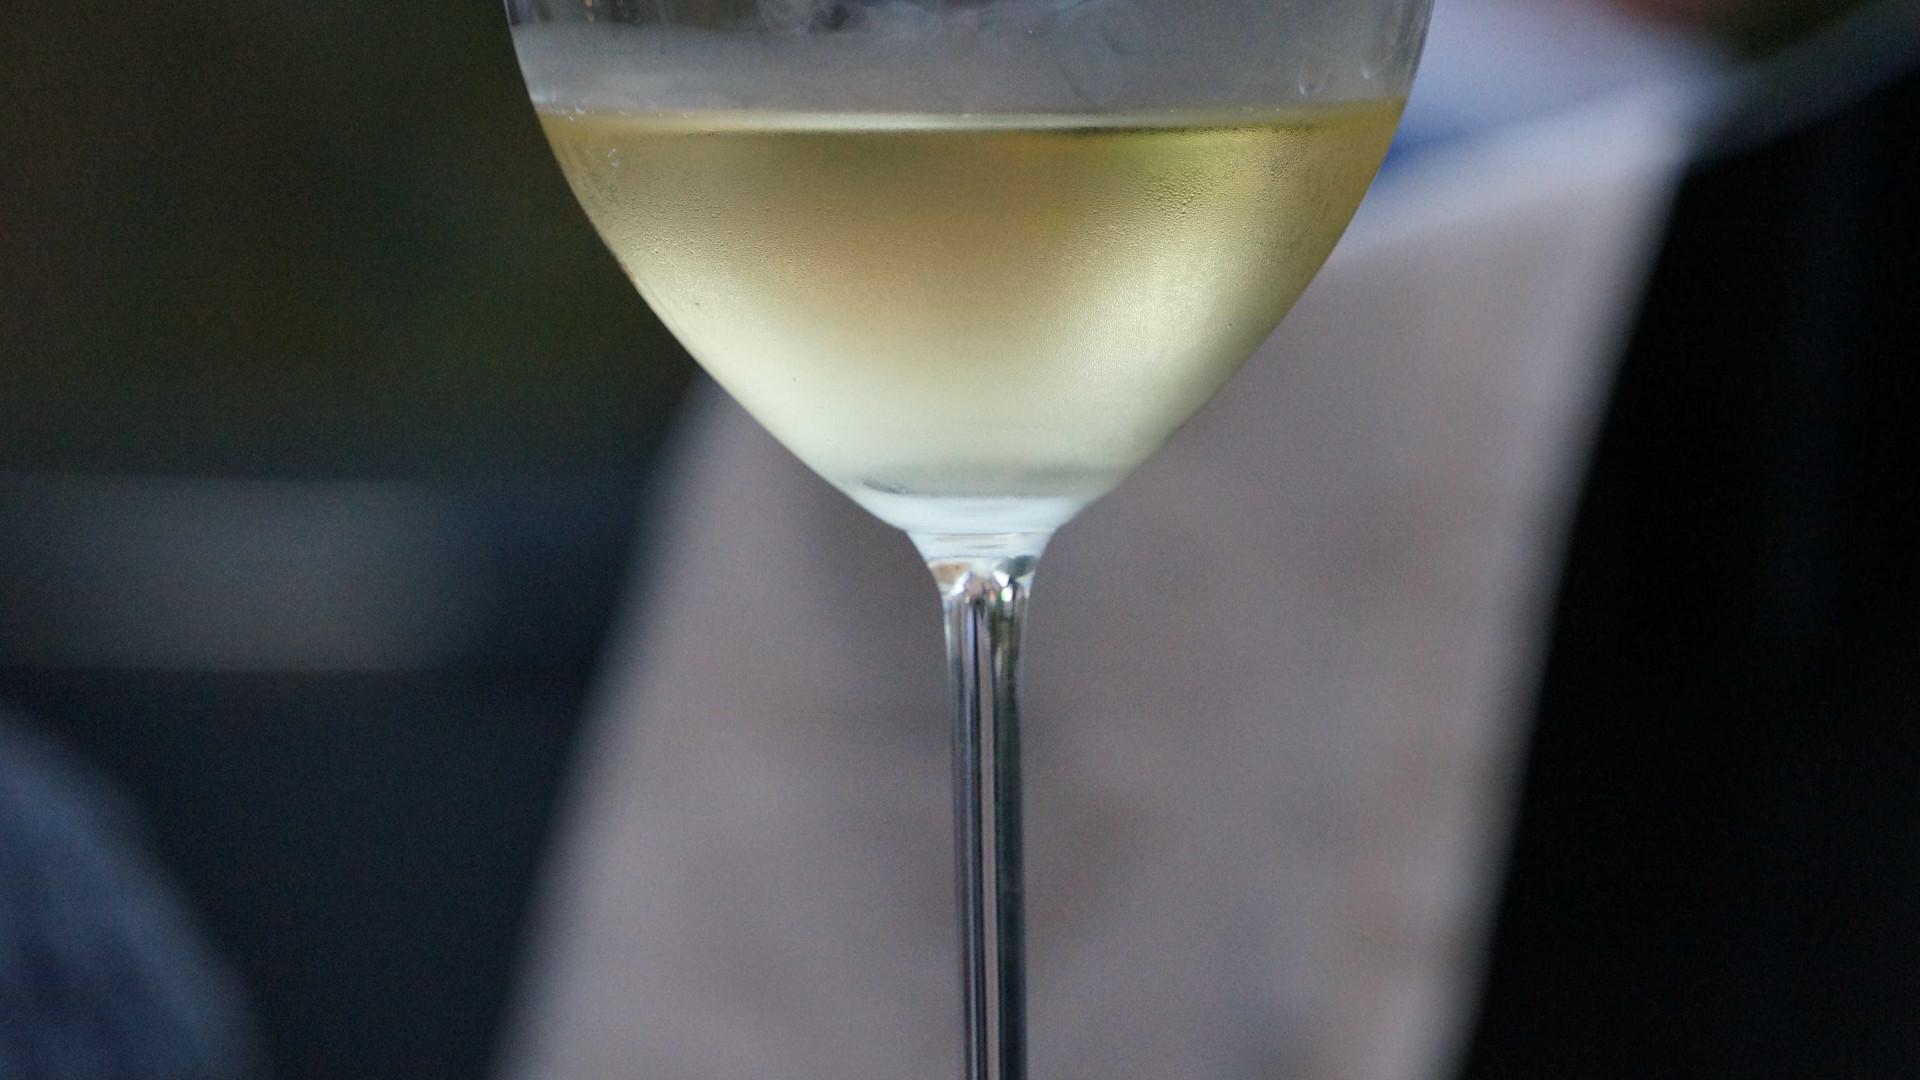 Feira de vinhos em foco nas festas de Reguengos de Monsaraz